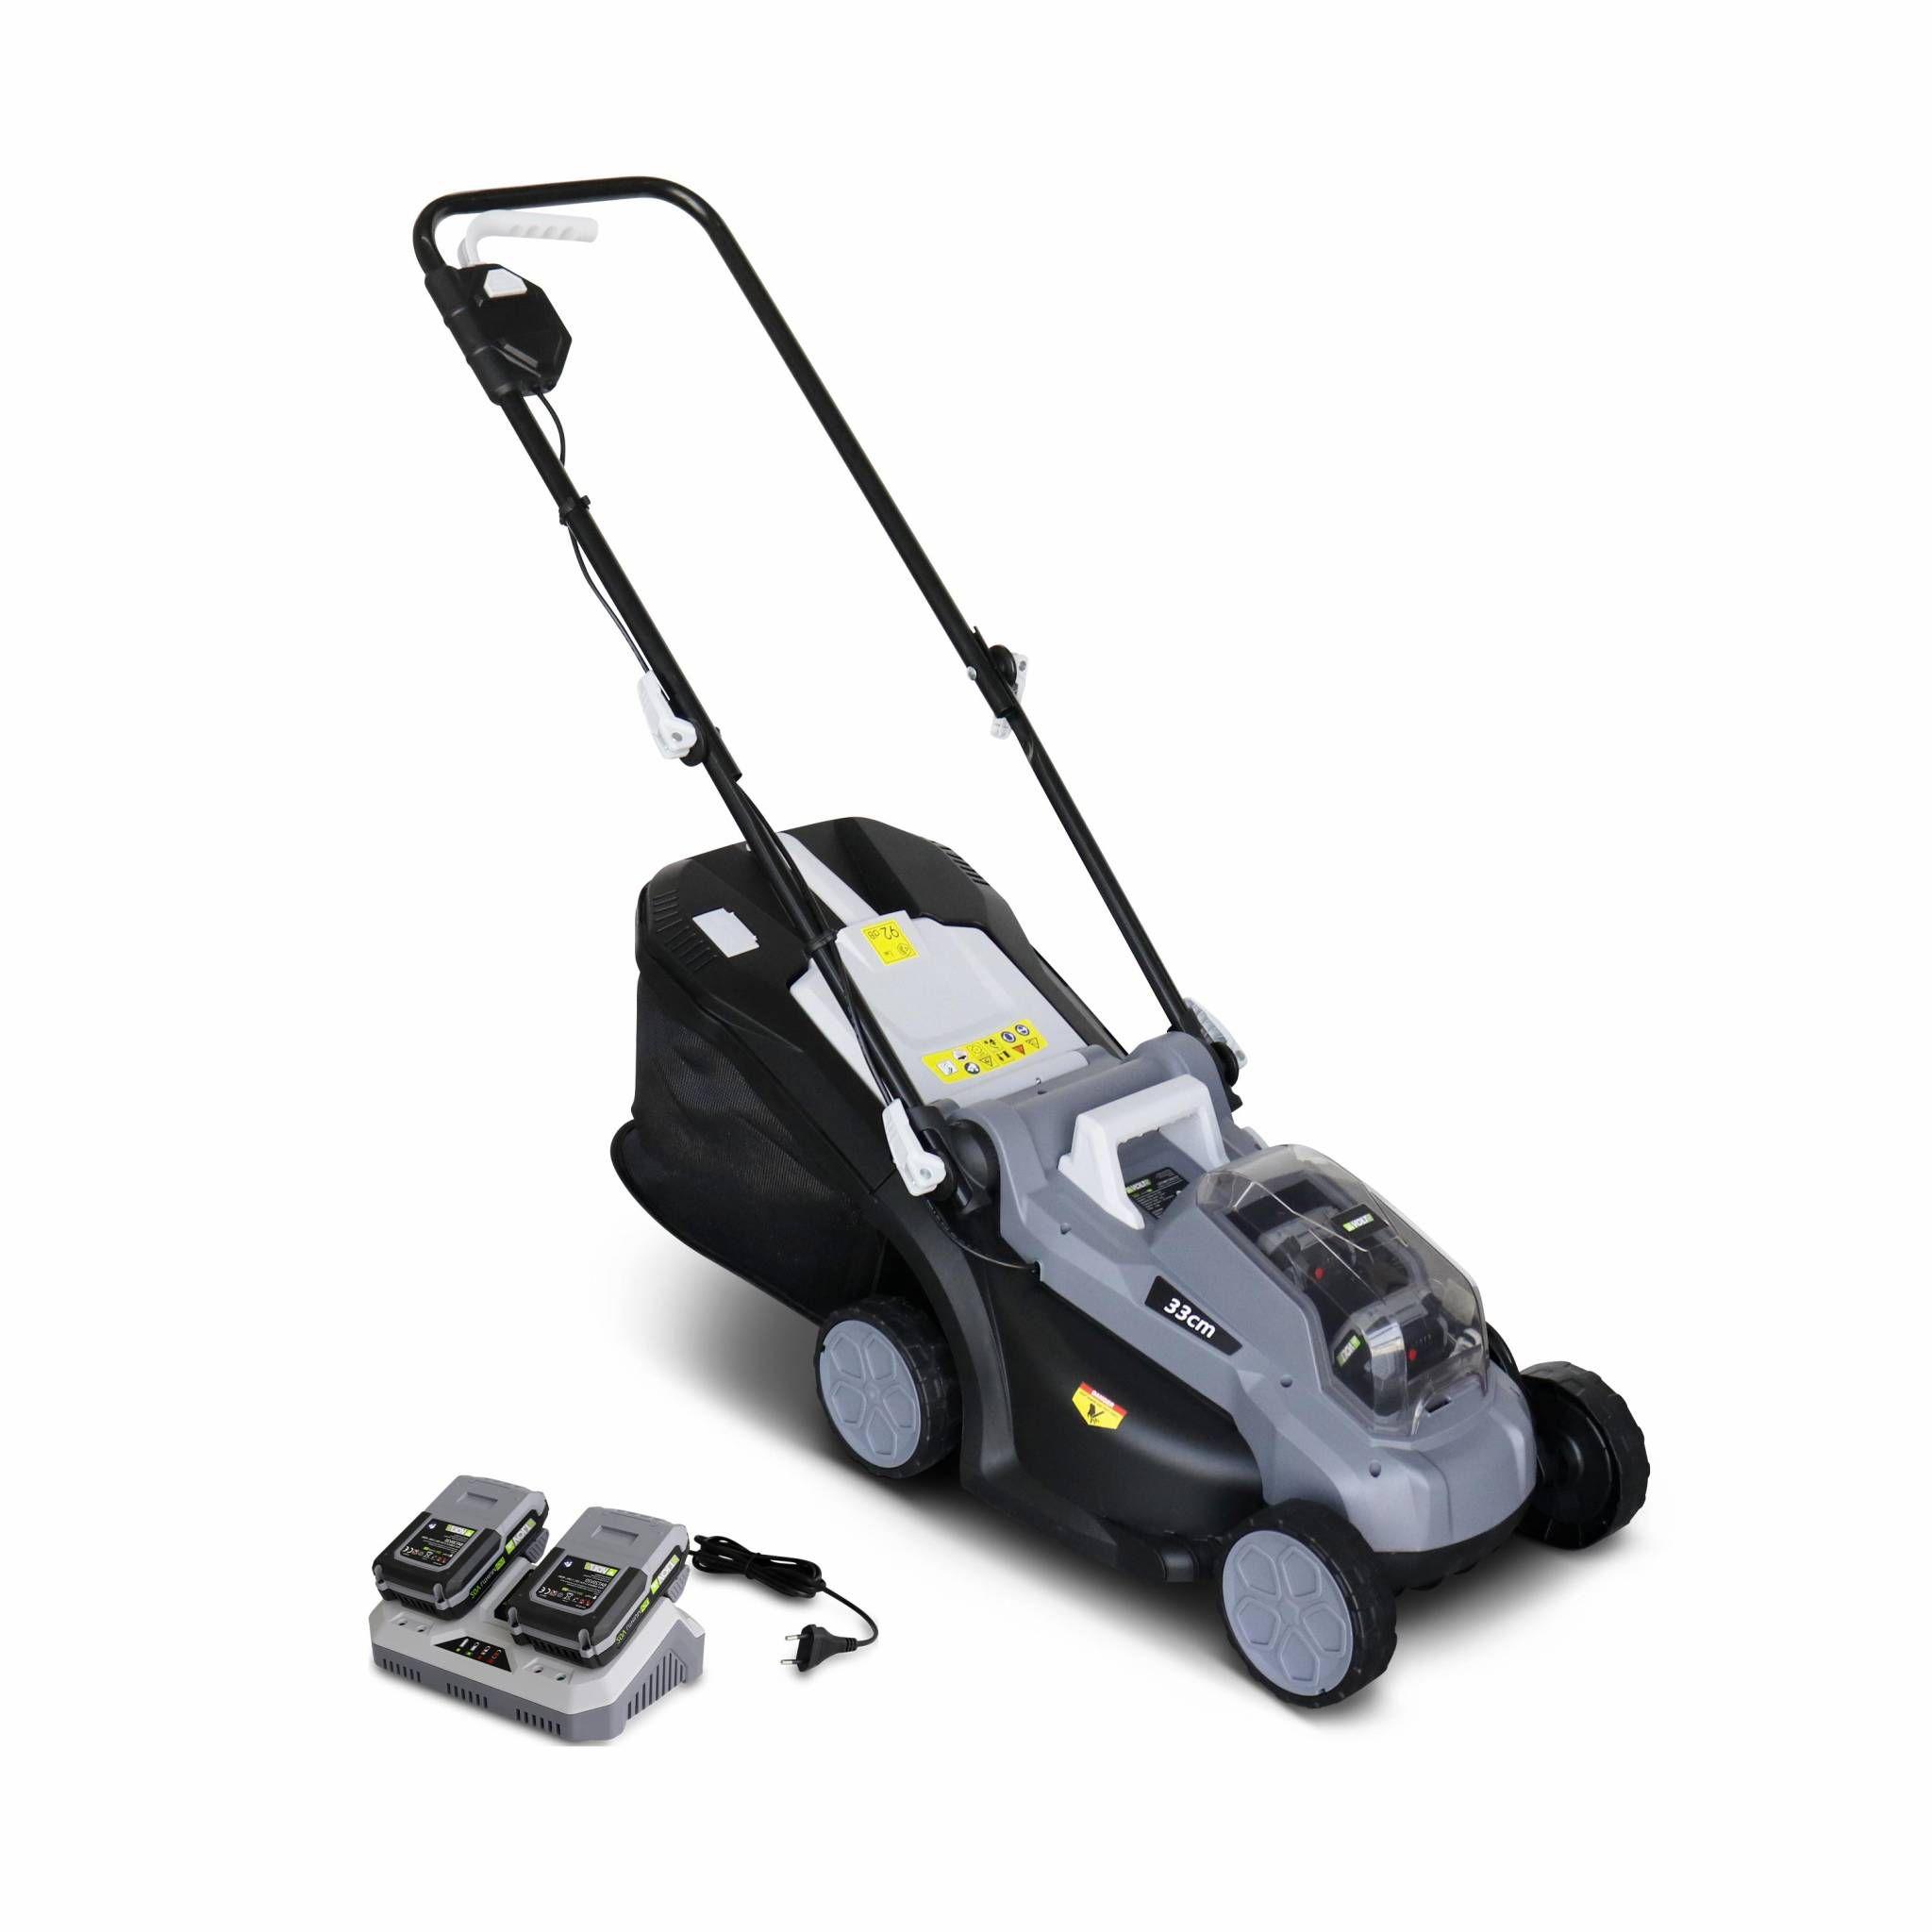 VOLTR 36V – Tondeuse à gazon sans fil 33cm – Batteries 20V Lithium 2.0Ah + double chargeur rapide, récupérateur d'herbe 35L